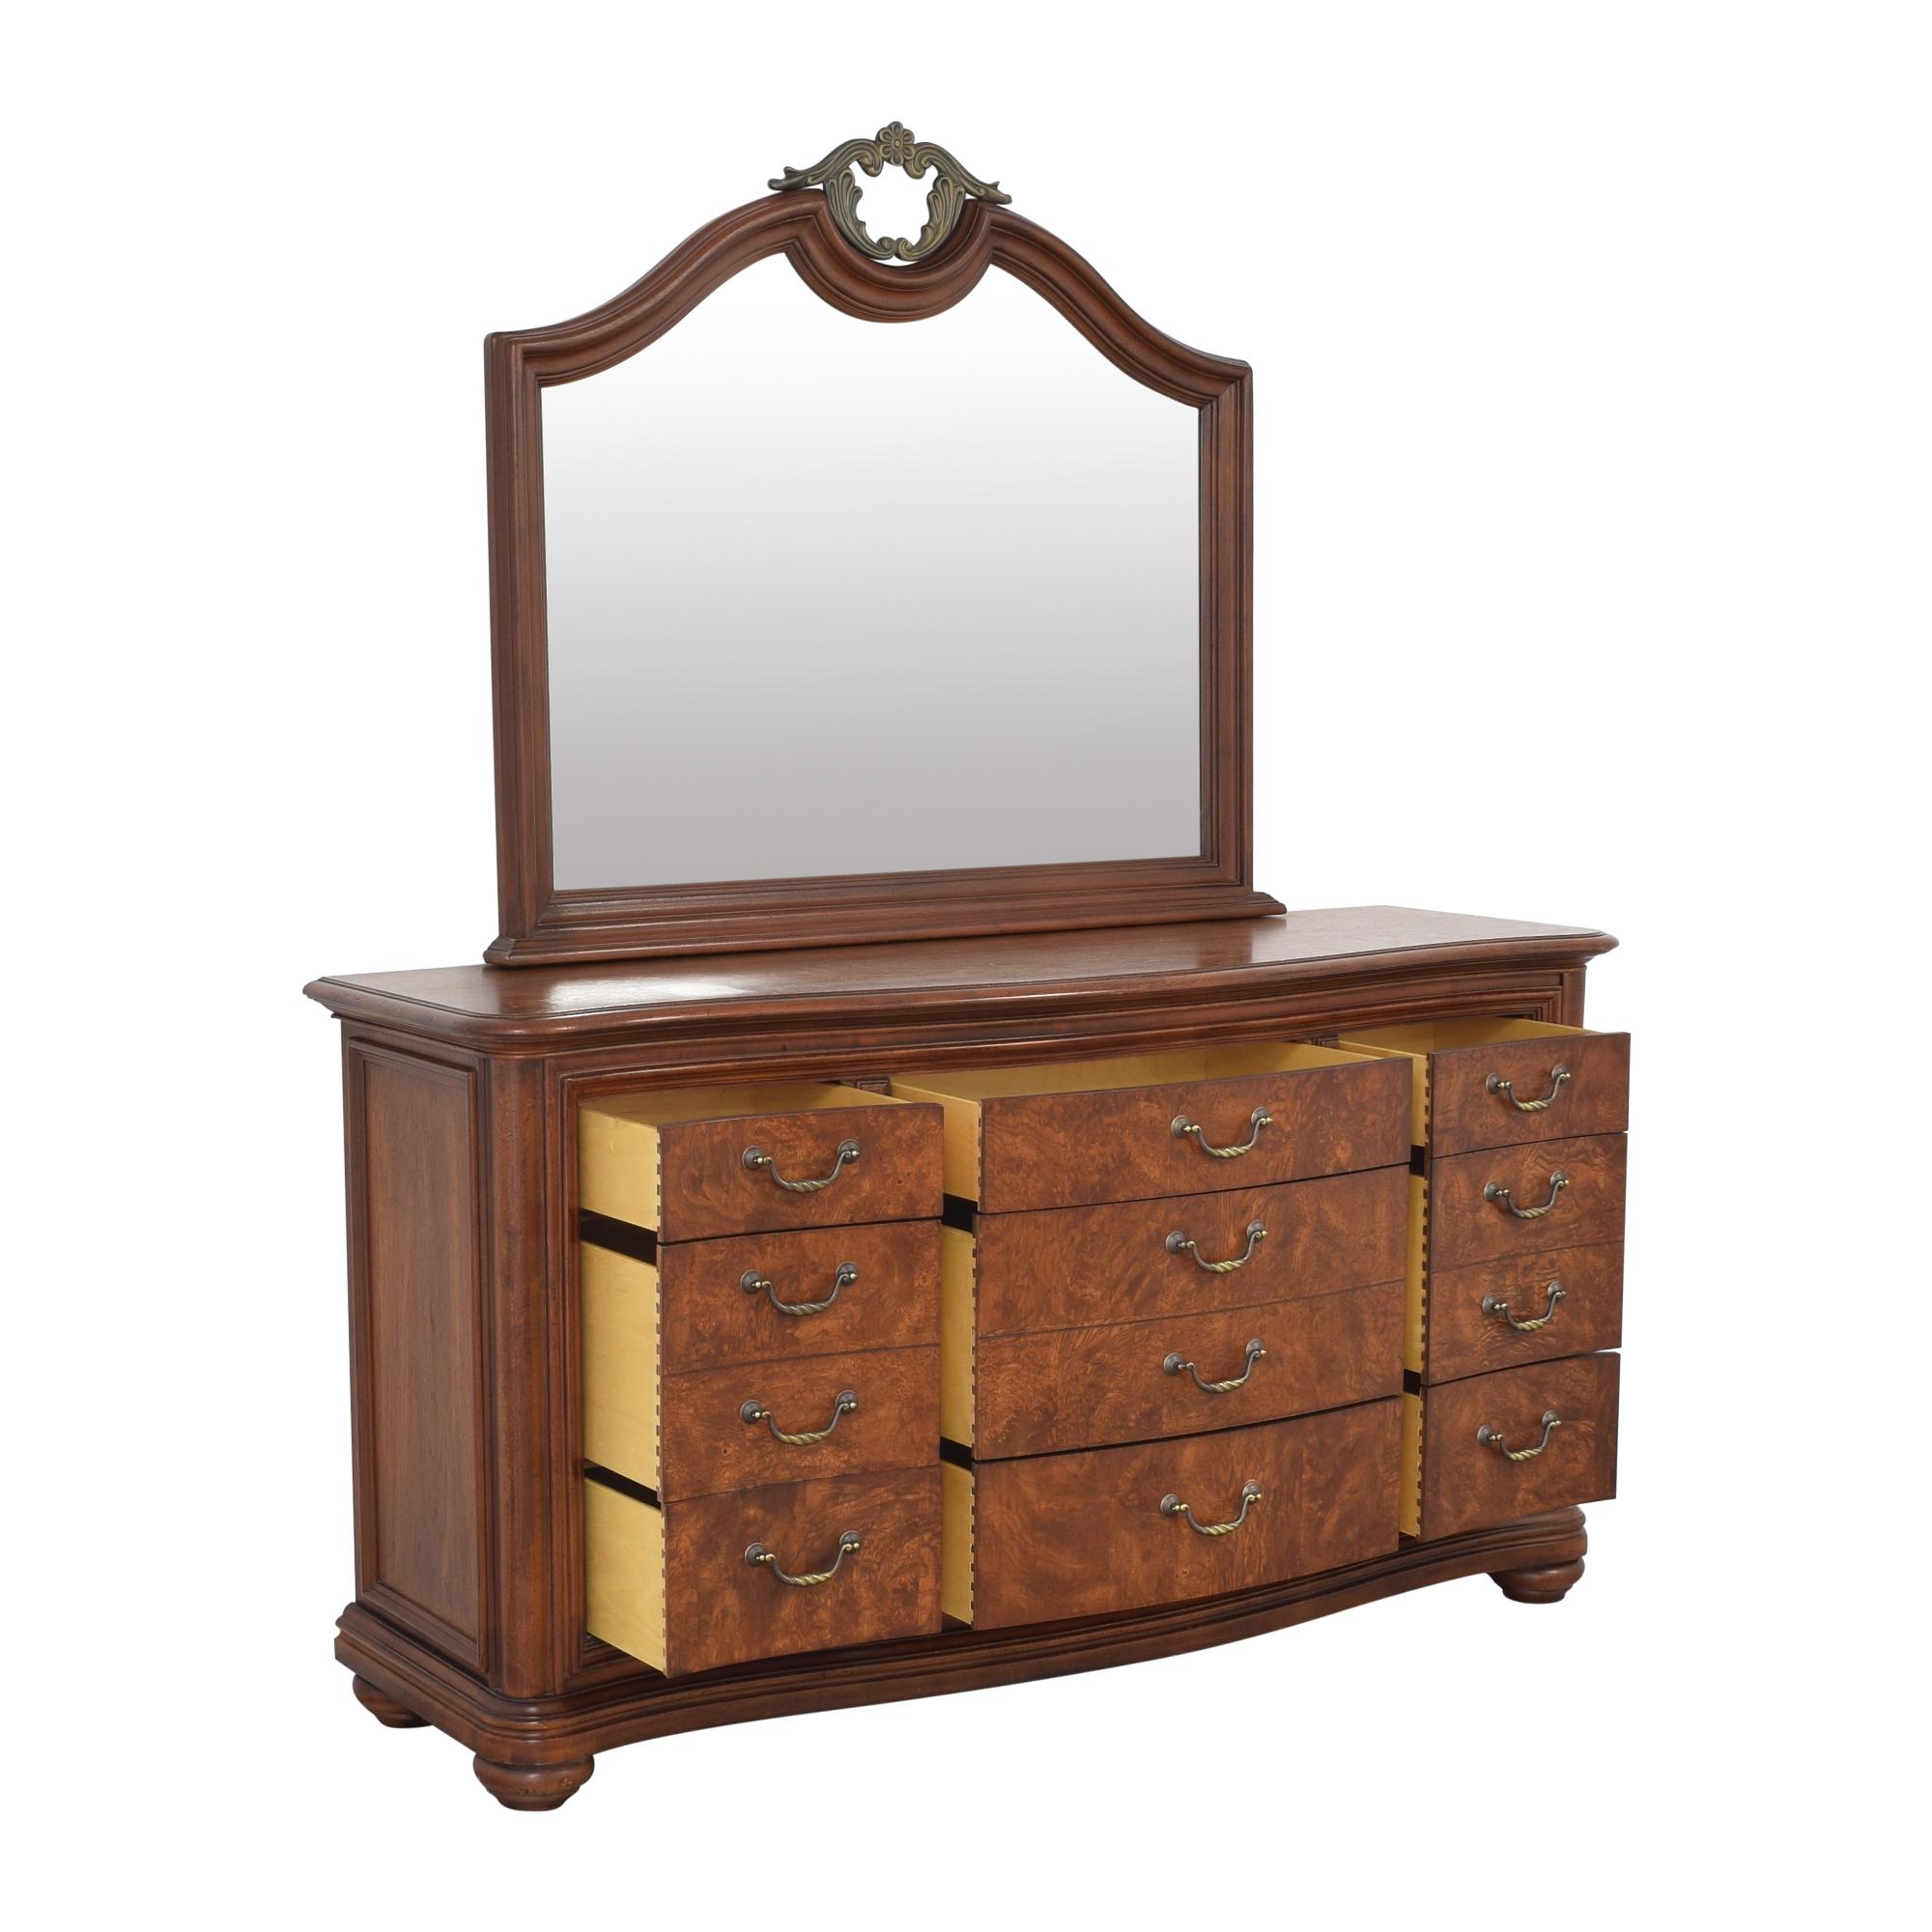 Thomasville Thomasville Twelve Drawer Dresser with Mirror for sale